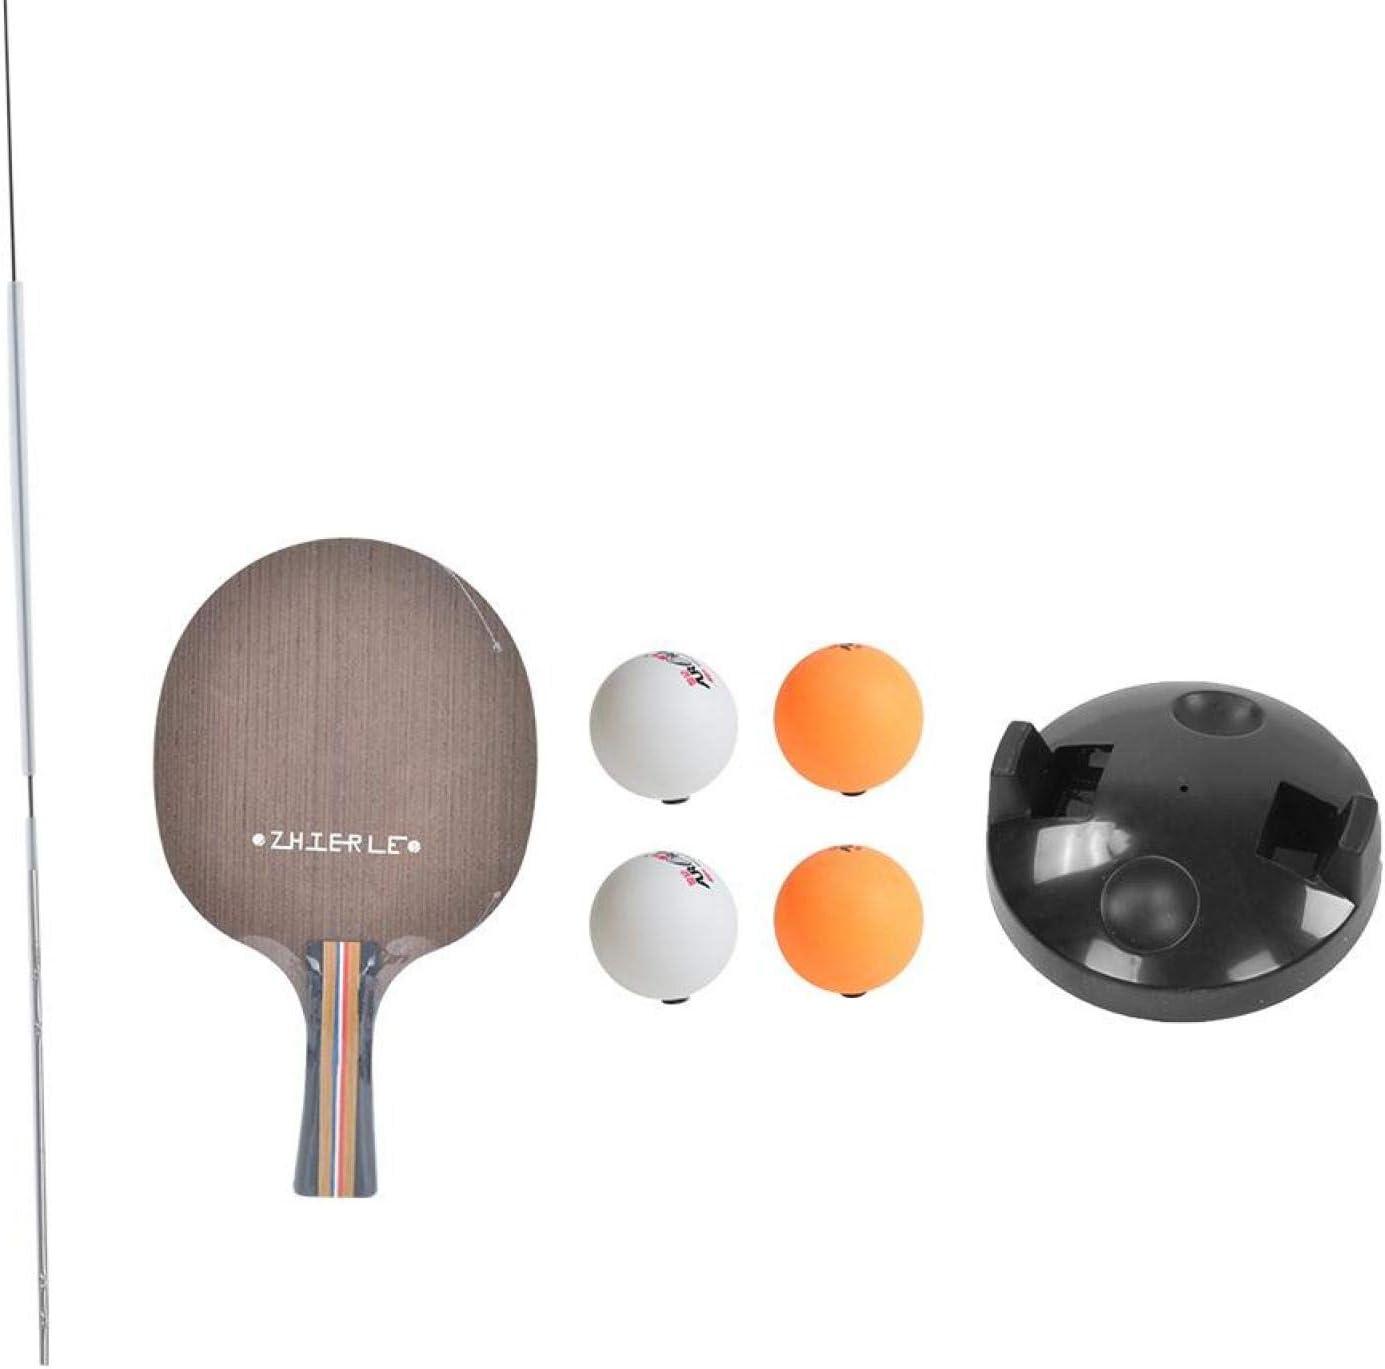 Qqmora Entrenador de Tenis de Mesa Ocio con Pelotas de Ping-Pong Ejercicio de Rebote Juego de Raquetas de descompresión Equipo de Entrenamiento de Ping-Pong para niños